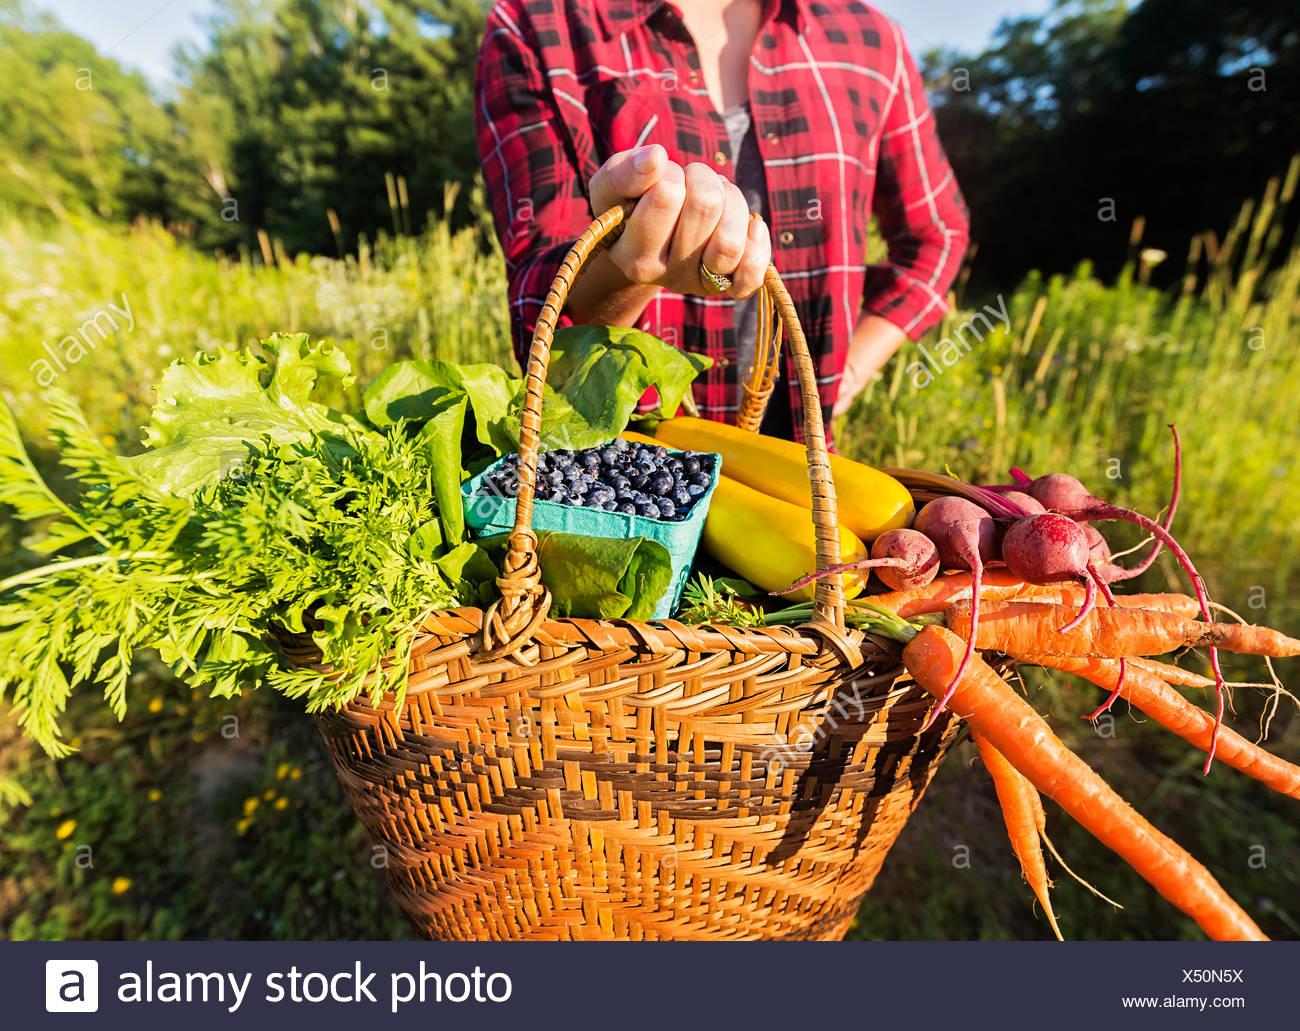 Sección intermedia de mujer sosteniendo una cesta con frutas y verduras Imagen De Stock